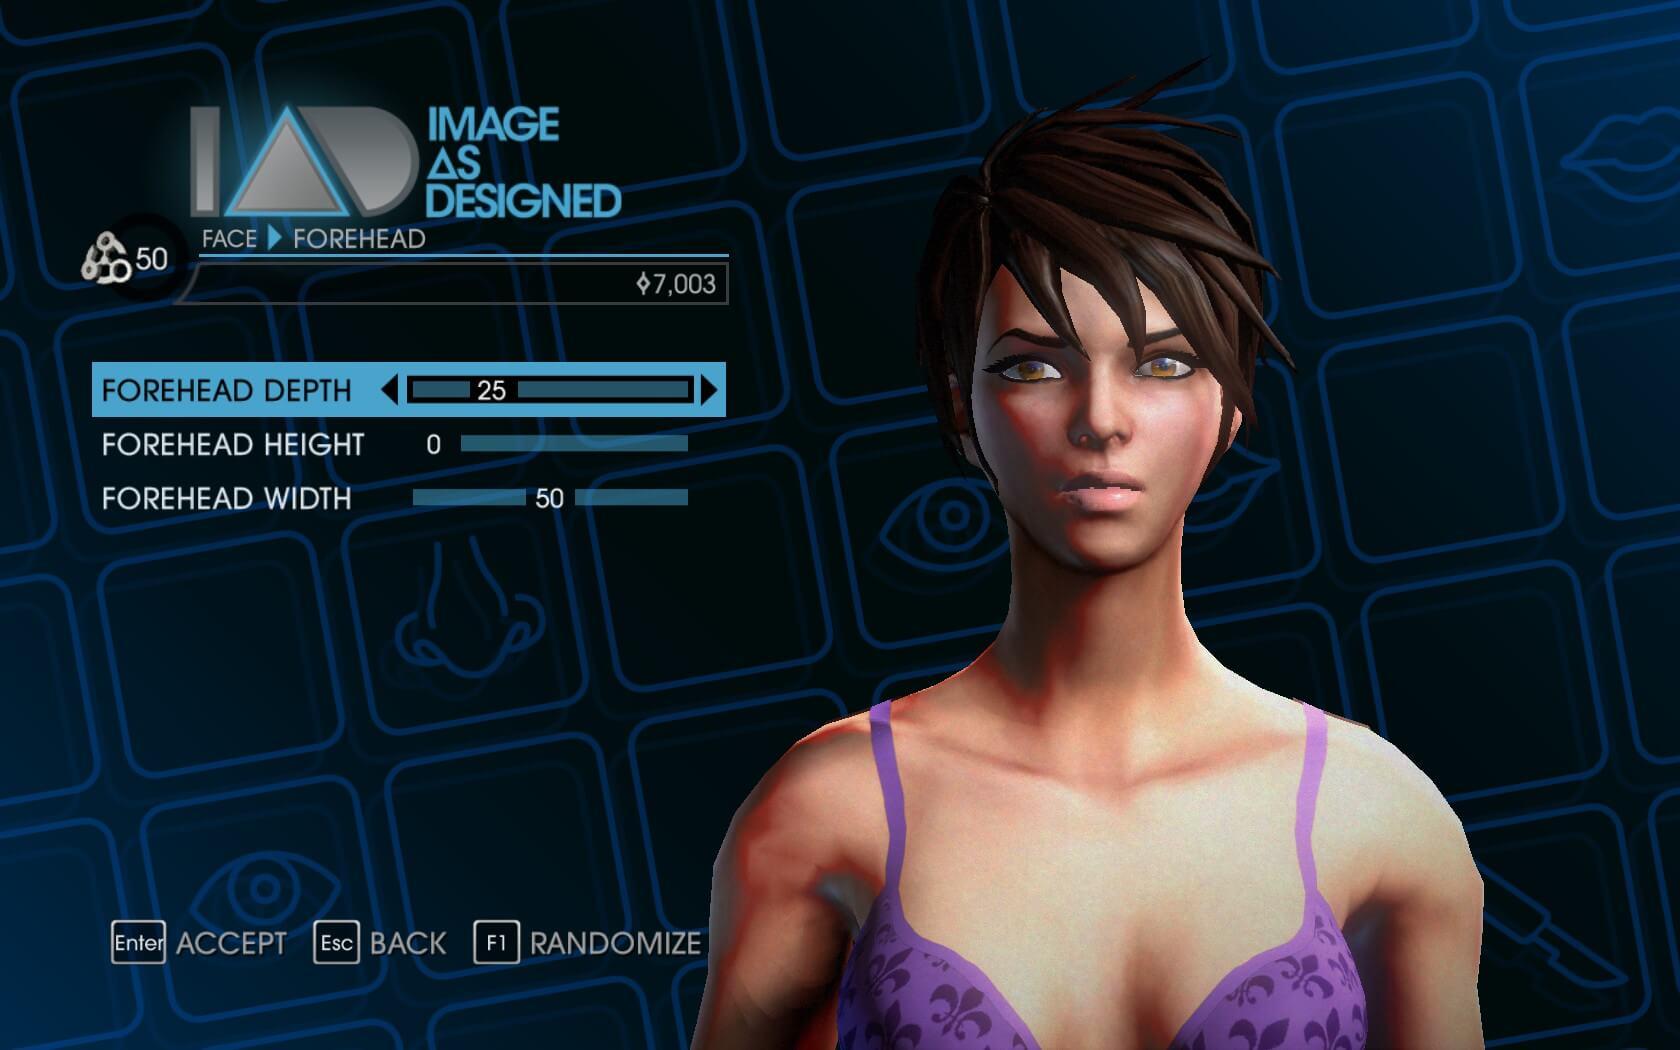 Saints row 4 oyun karakter yaratma ekranı